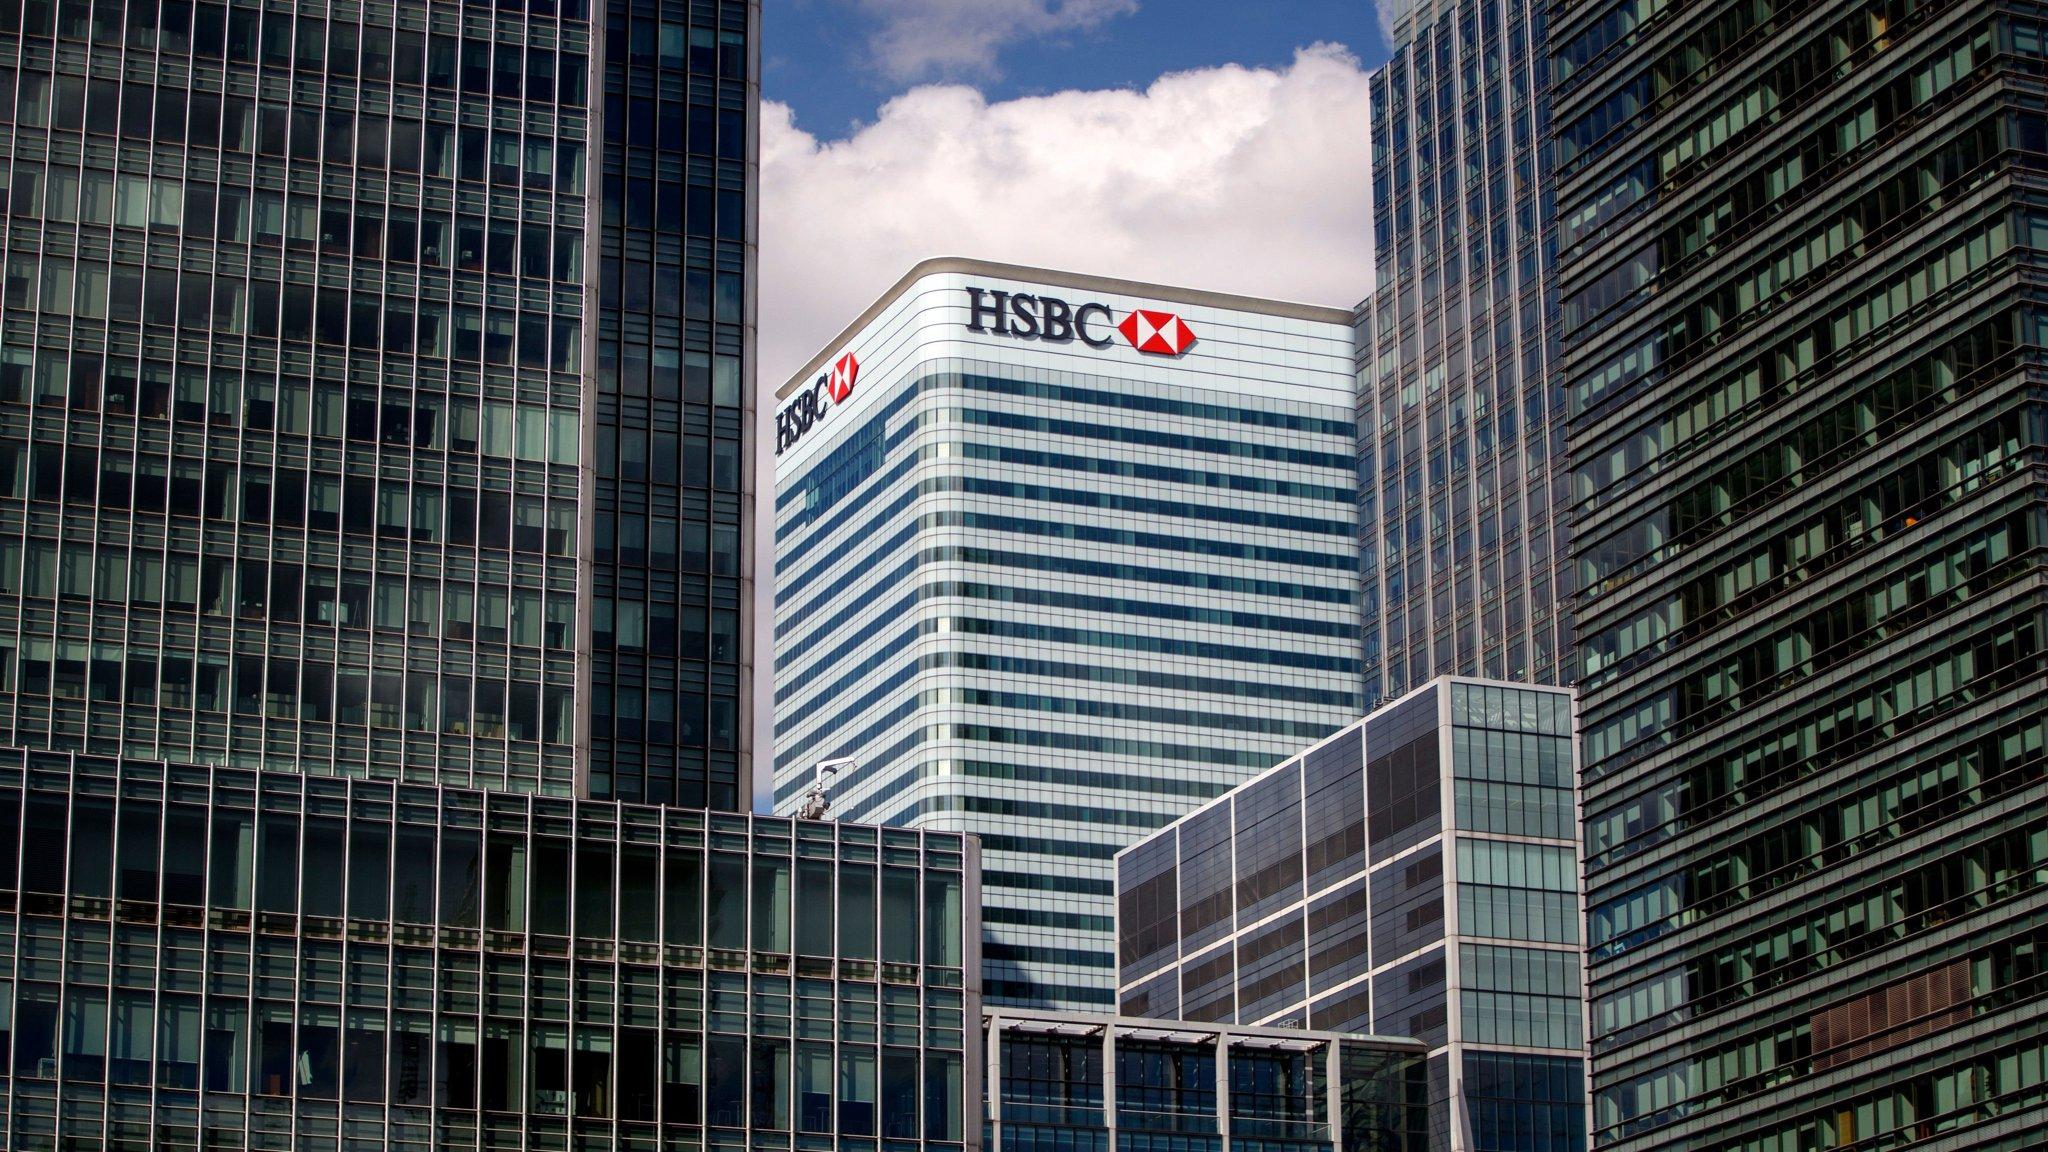 HSBC revenues 'collapse' after December markets turmoil